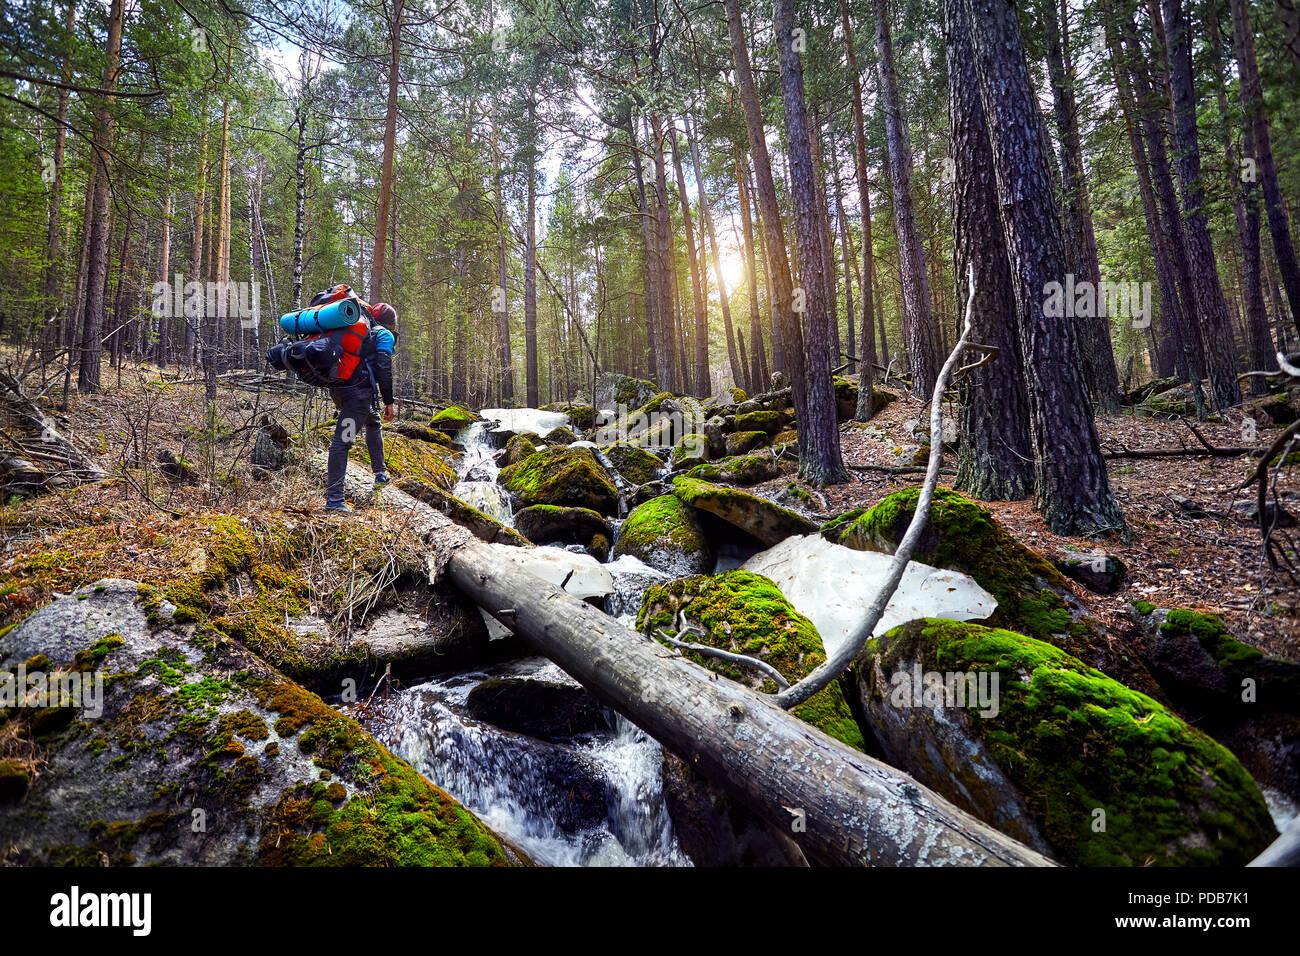 Wanderer mit grossen Rucksack zu Fuß zu den wunderschönen Wald in Karkaraly National Park im Zentrum von Kasachstan Stockbild